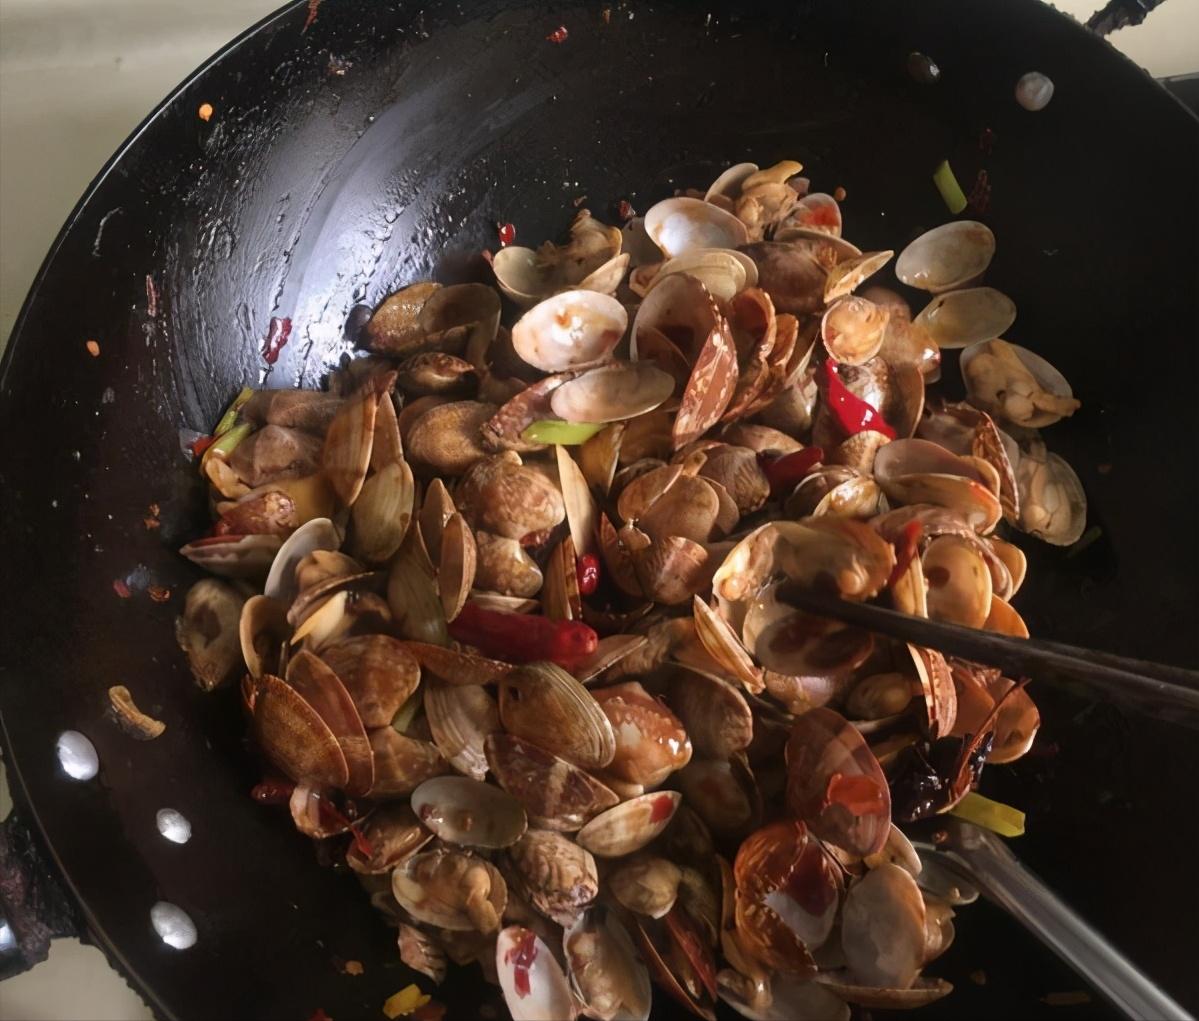 花甲先煮后炒?这样做出来的花甲更鲜甜,全程不用一滴水 美食做法 第3张